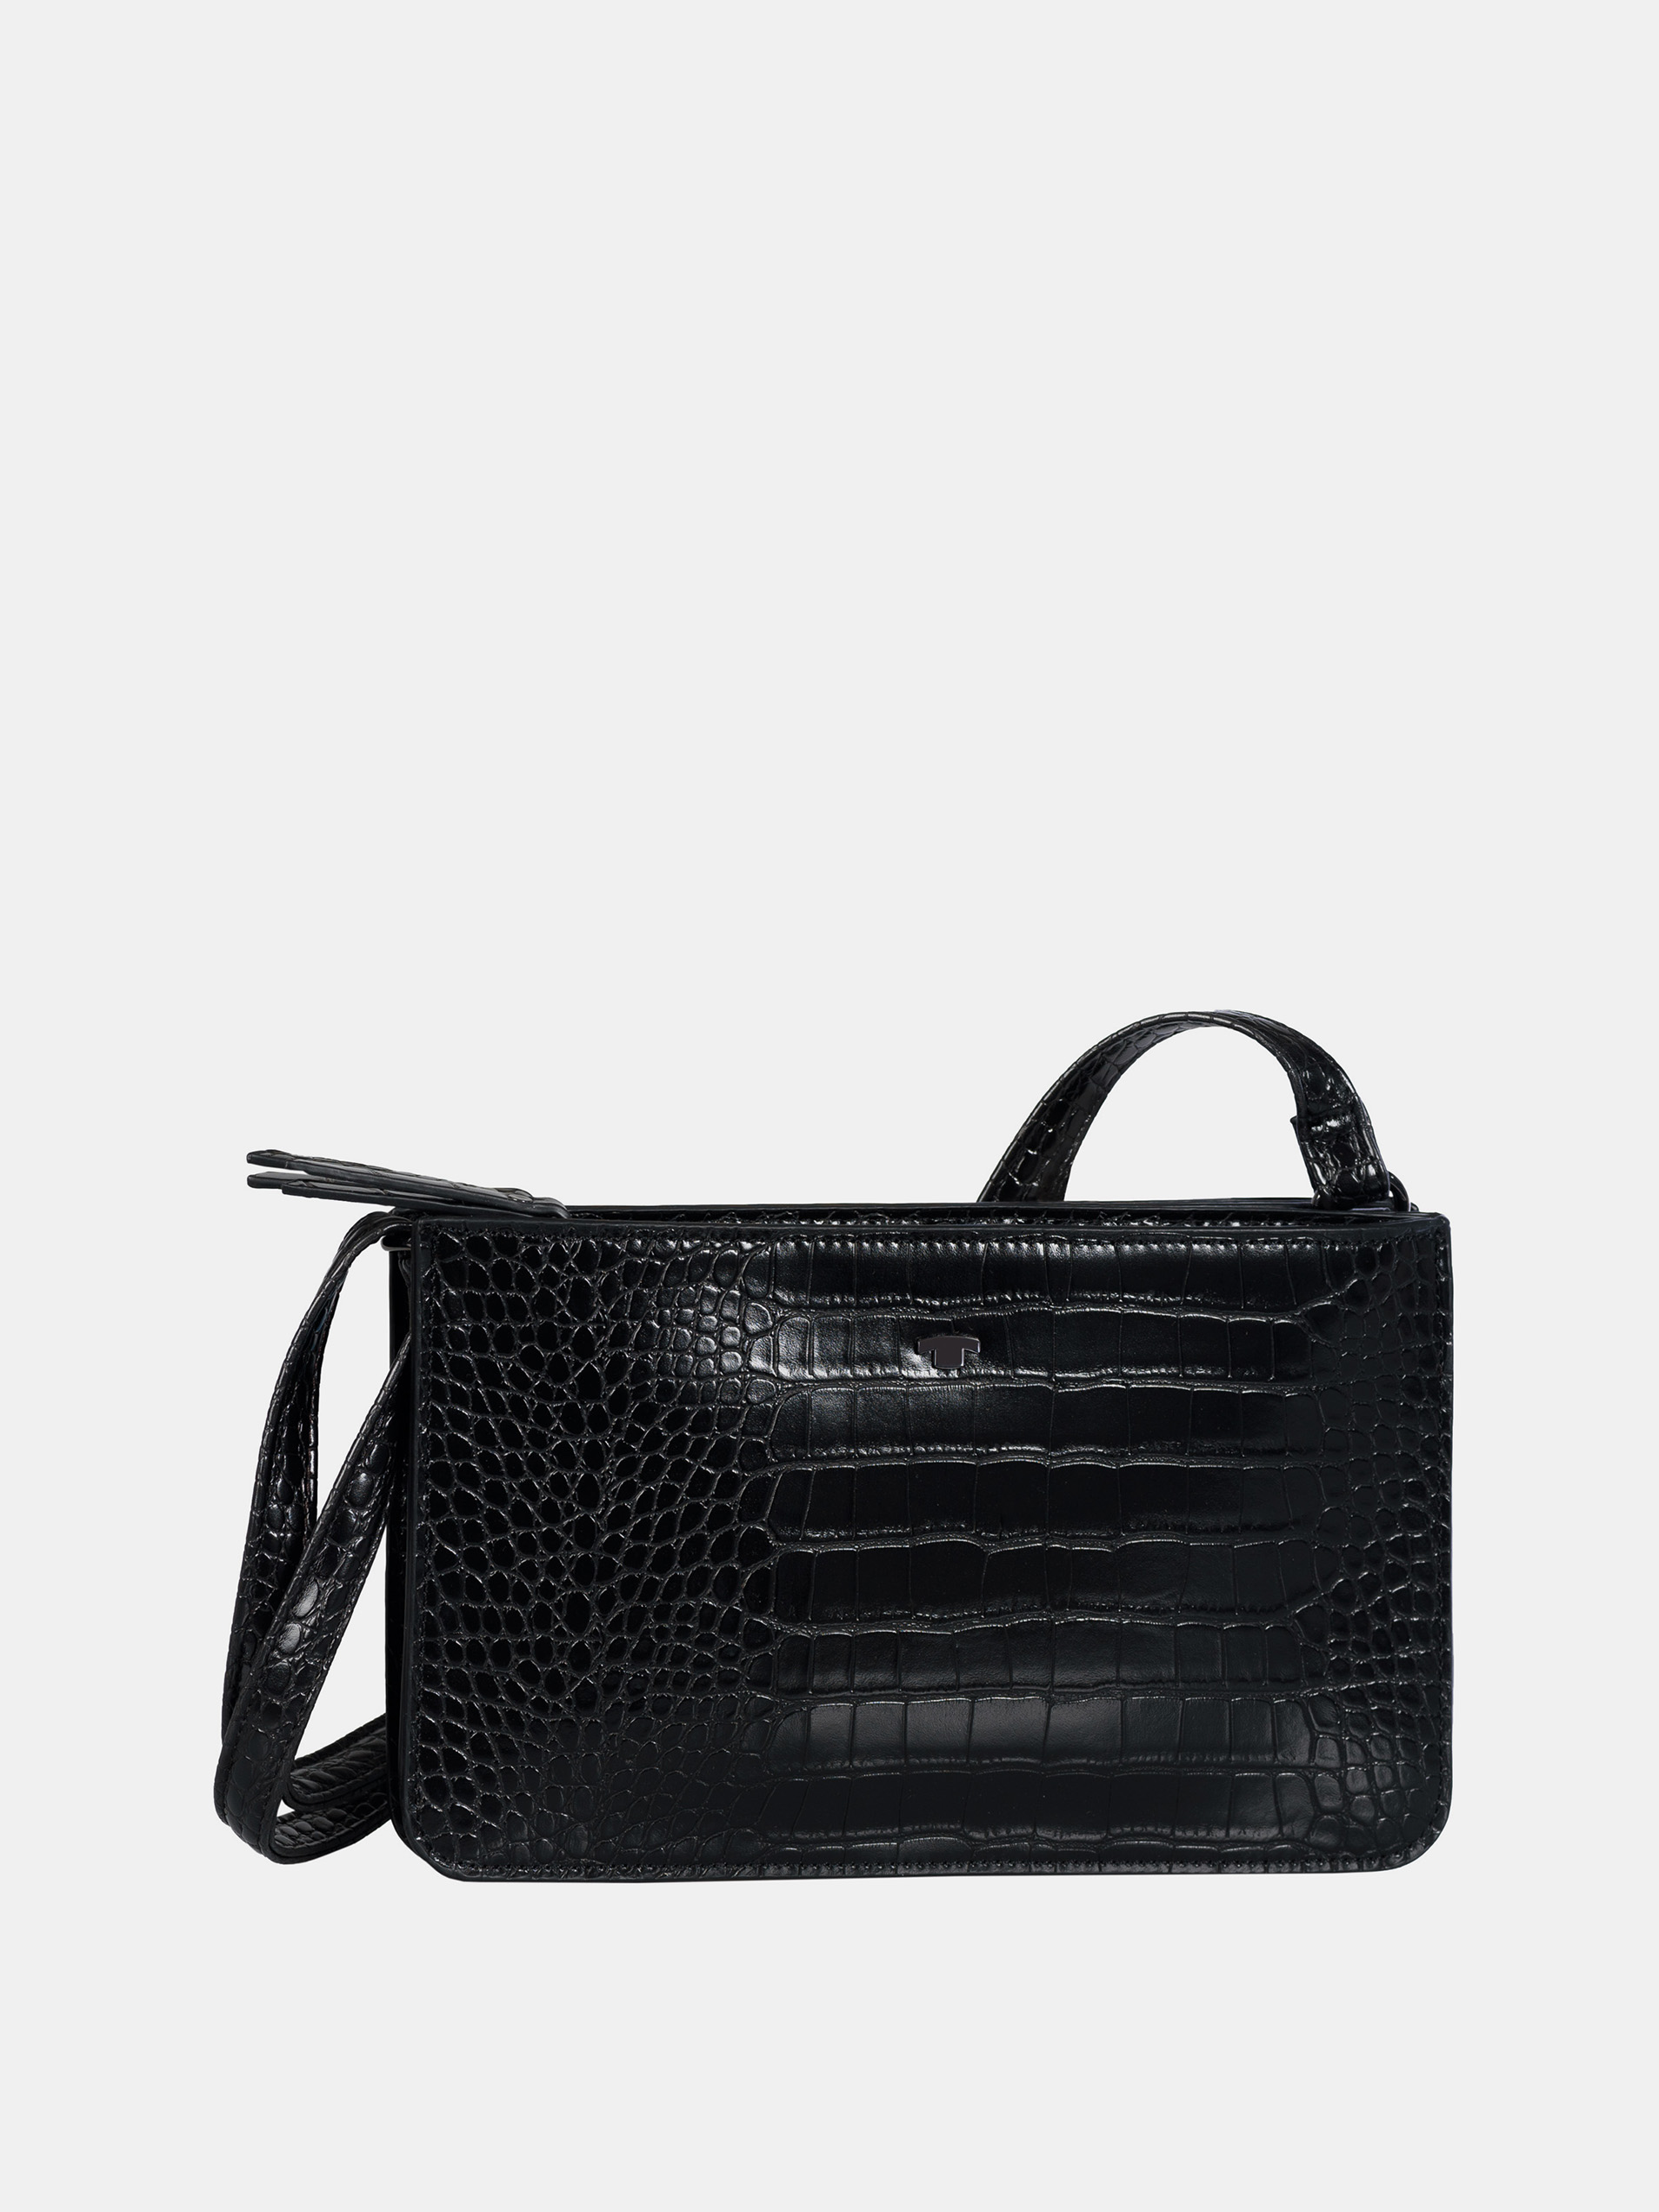 Črna torbica crossbody s krokodiljim vzorcem znamke Tom Tailor